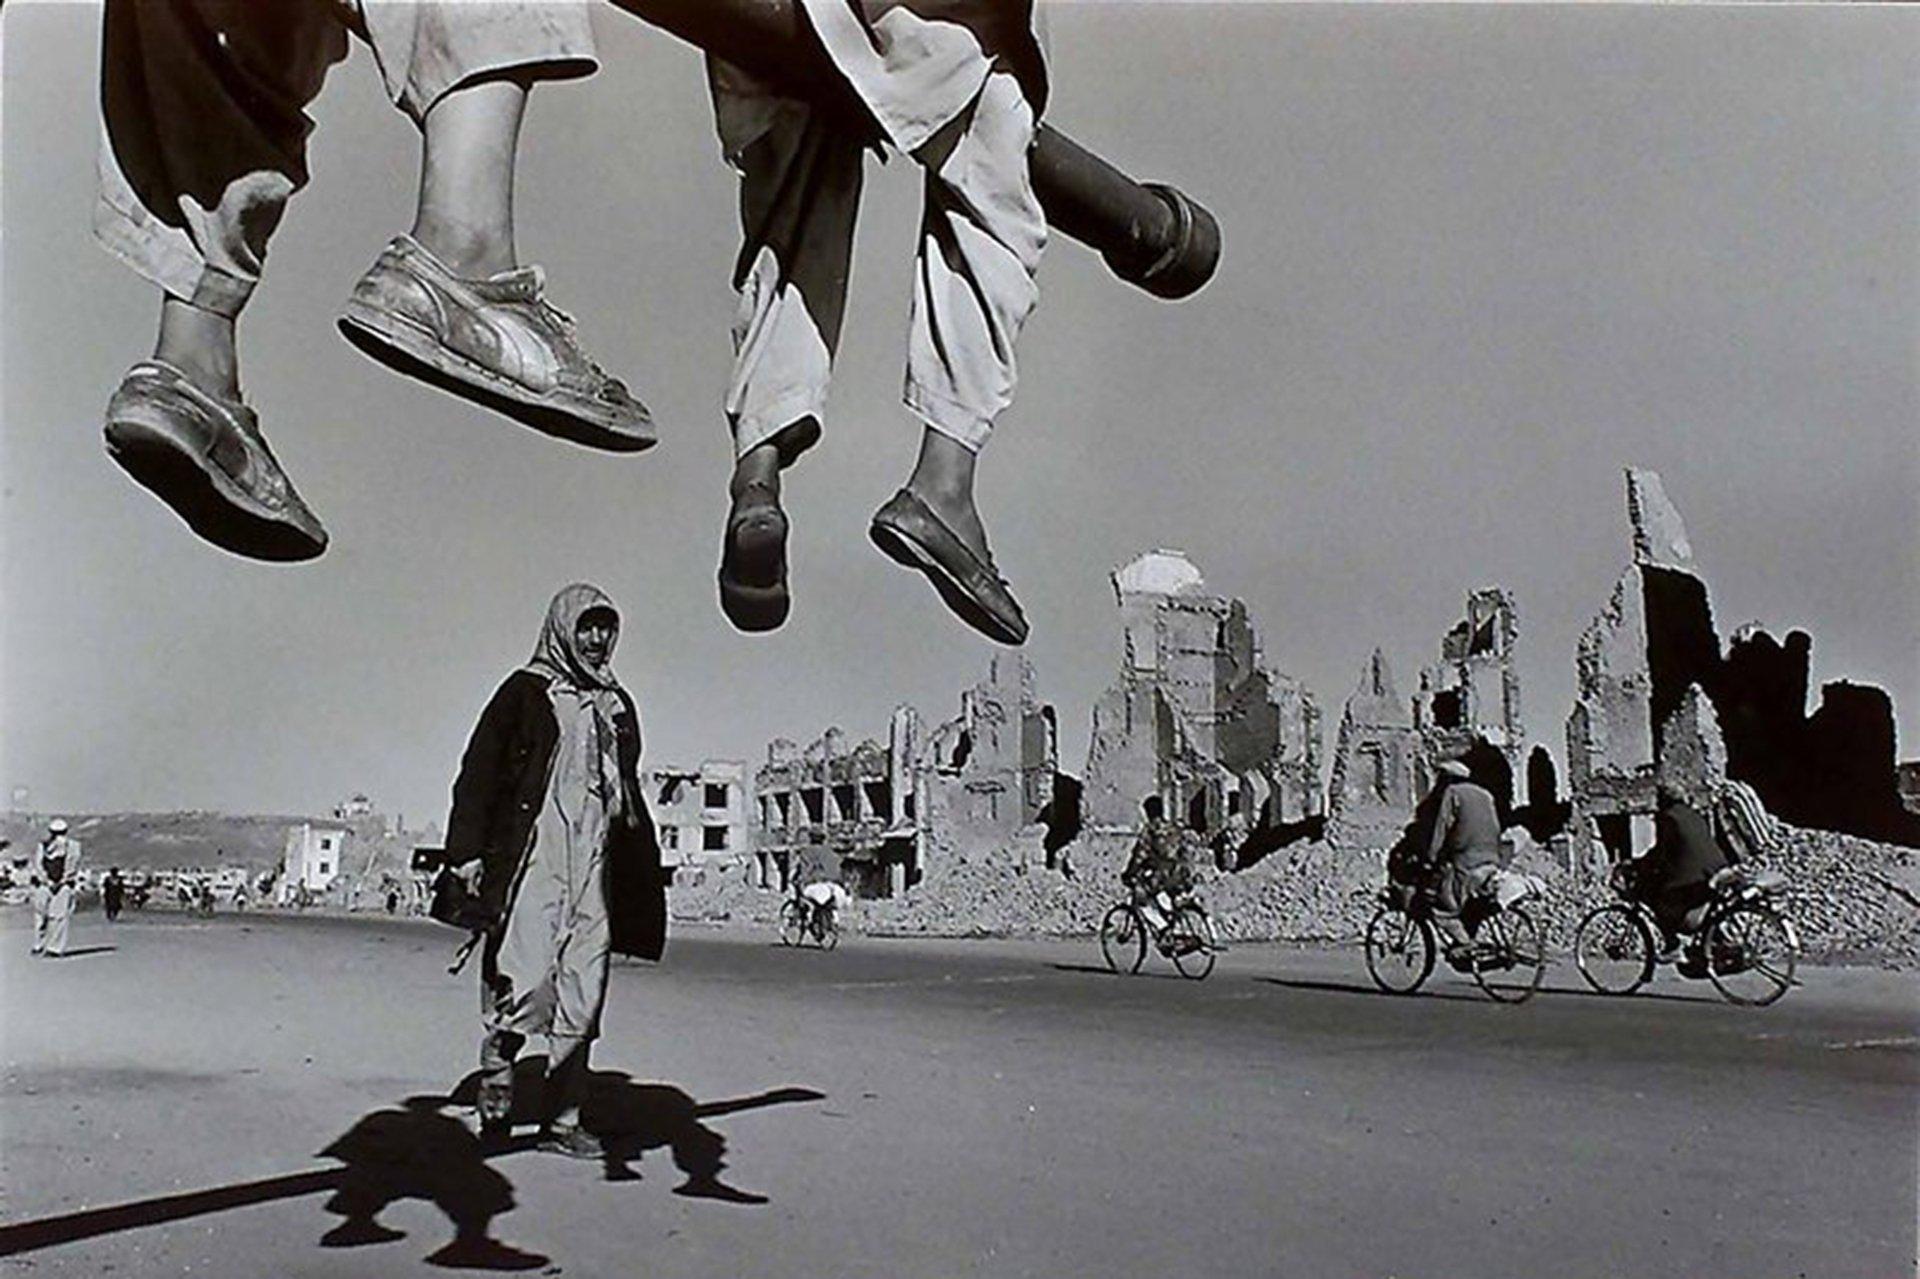 (Afganistán, 1996) Nachtwey trabajó en la revista Time desde 1984 y fue miembro de la agencia de fotografía Magnum entre 1986 y 2001